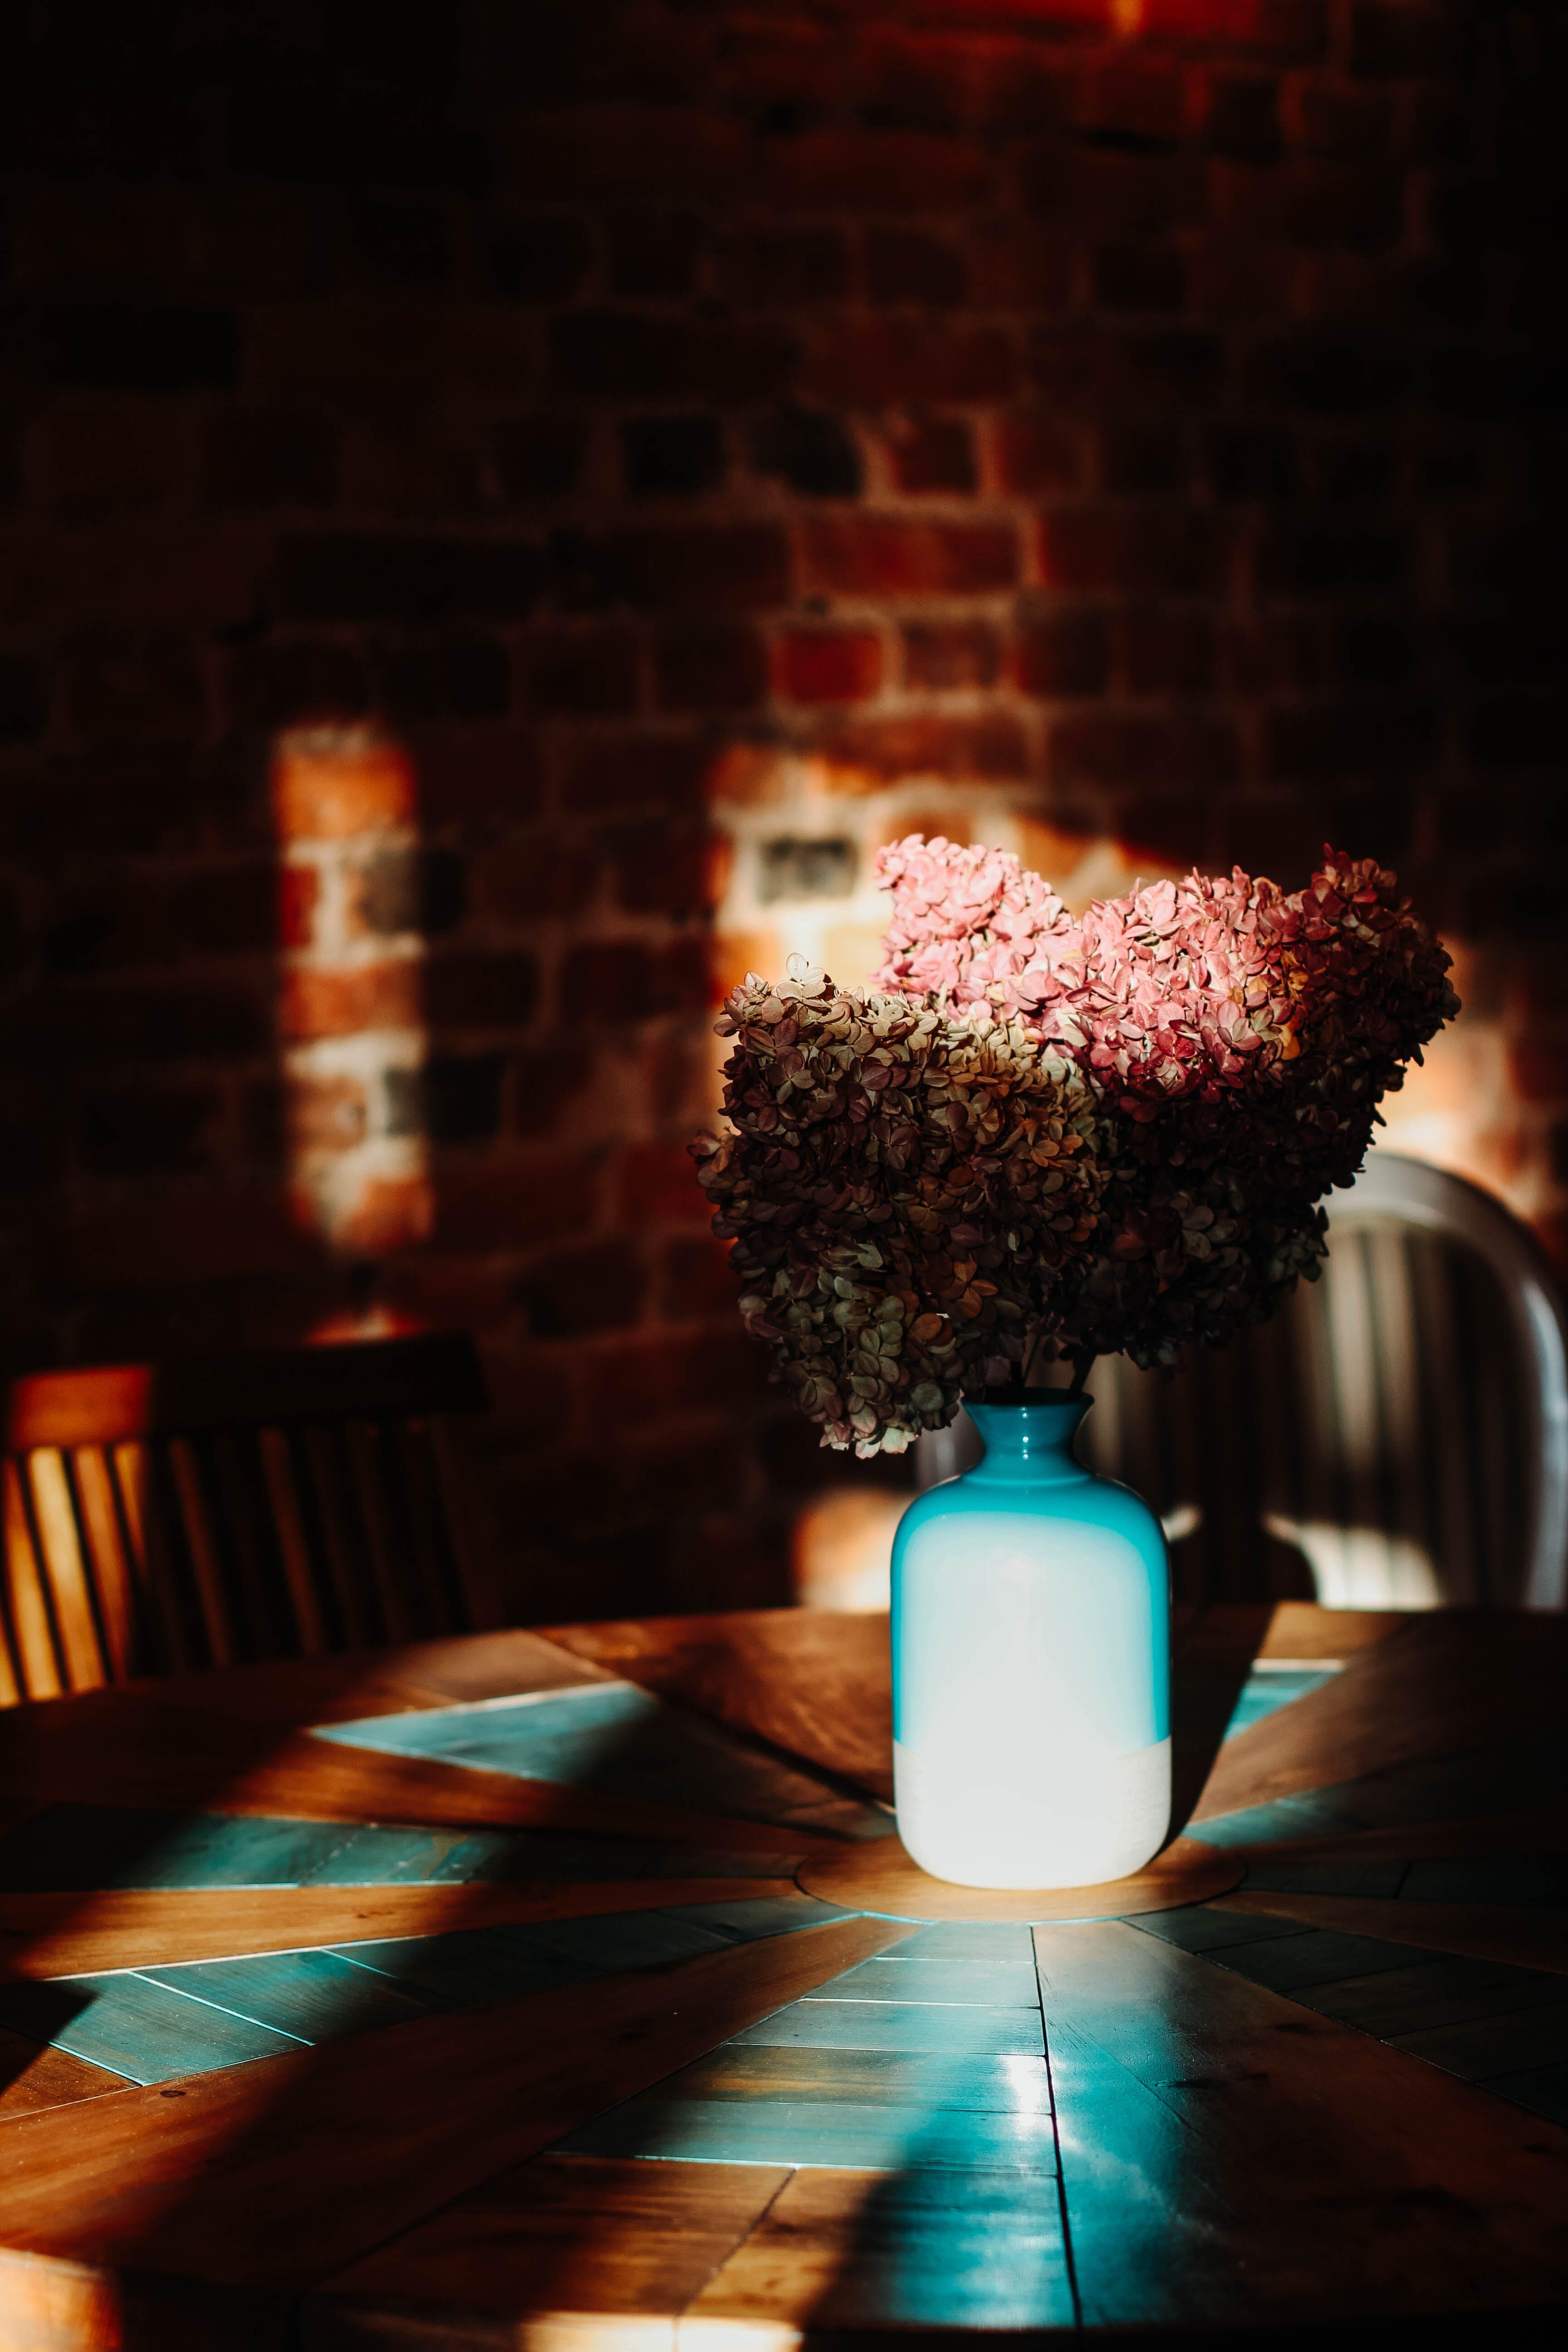 Gratis lagerfoto af atmosfære, blomster, blomstervase, boligindretning